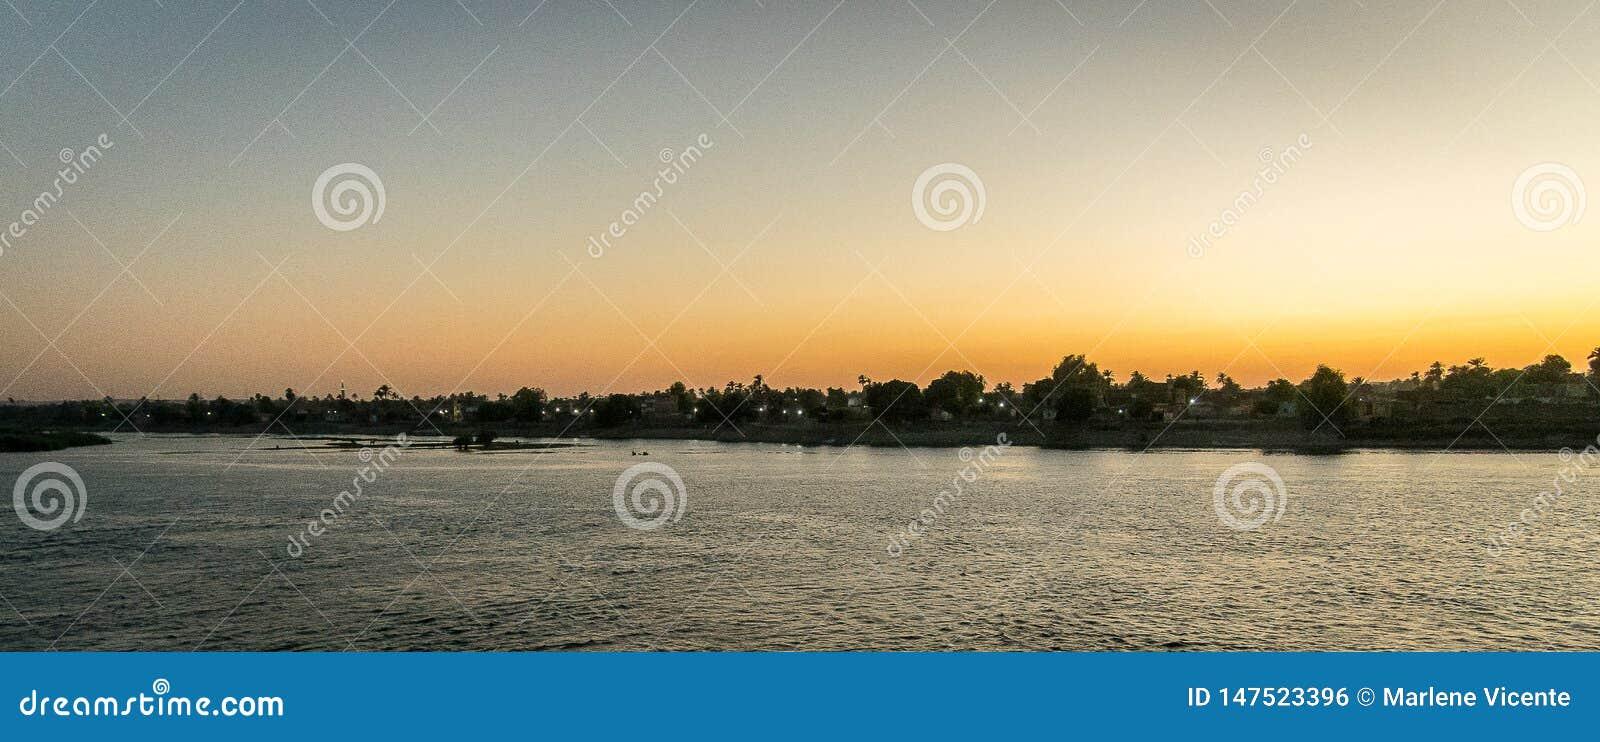 Panoramisch van een zonsondergang op de Nijl Egypte